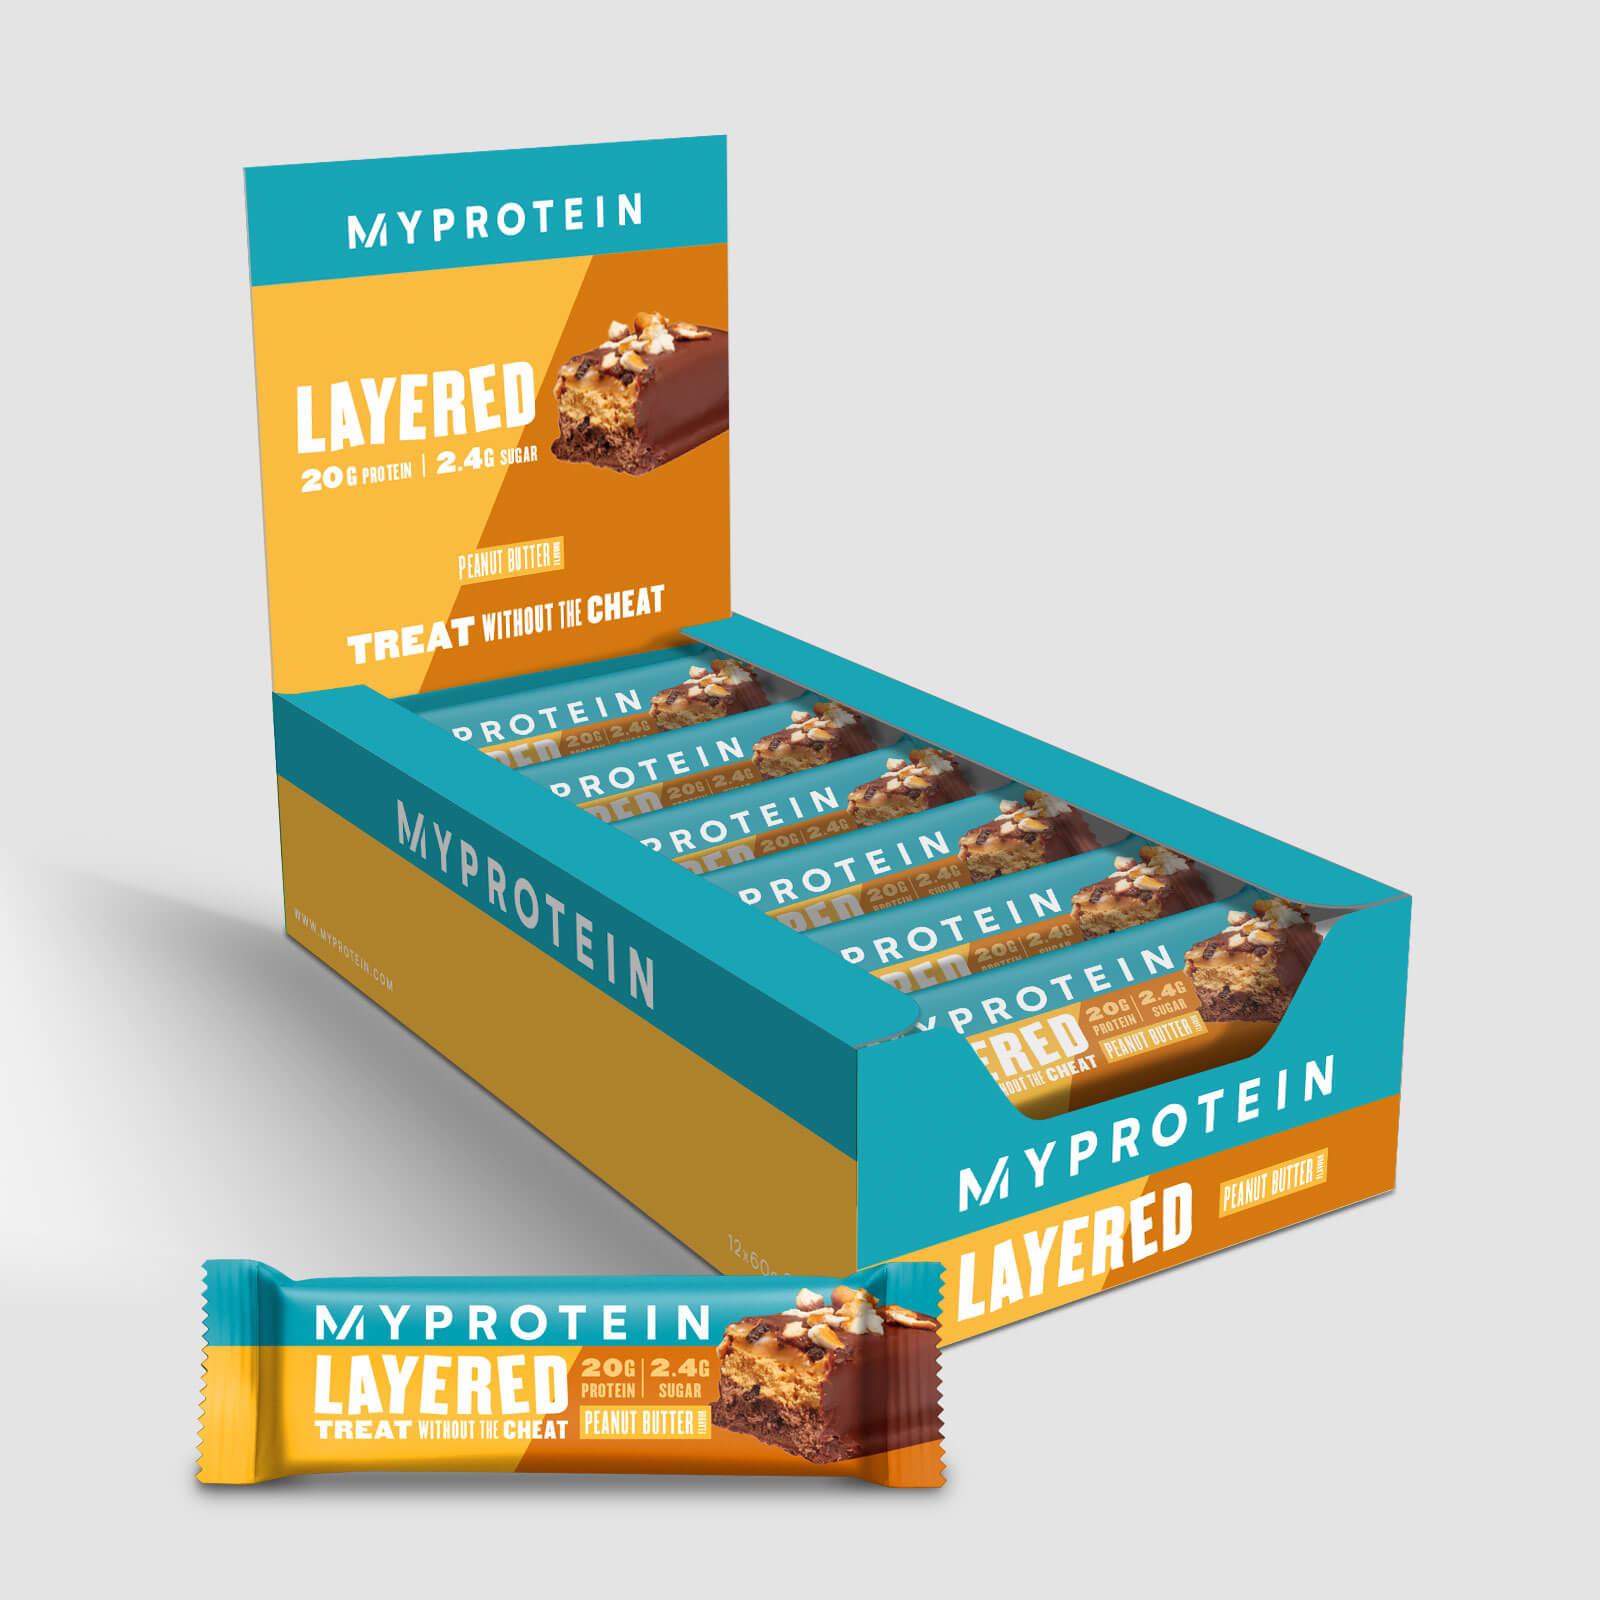 Myprotein Barre de protéines à 6 couches - 12 x 60g - Beurre d'arachides